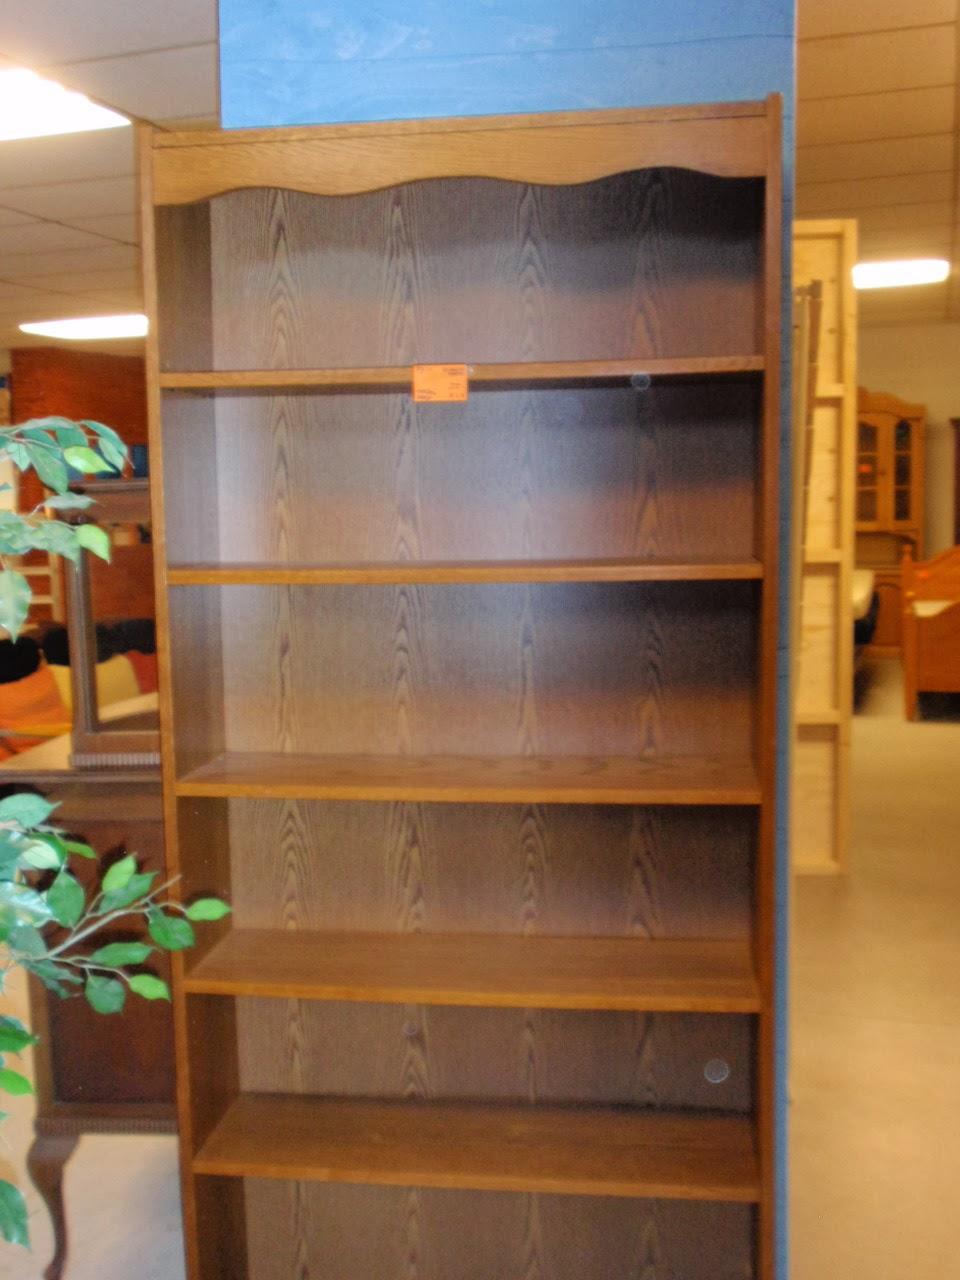 2 banken maken uit een Ikea Billy boekenkast | alles-vanellis